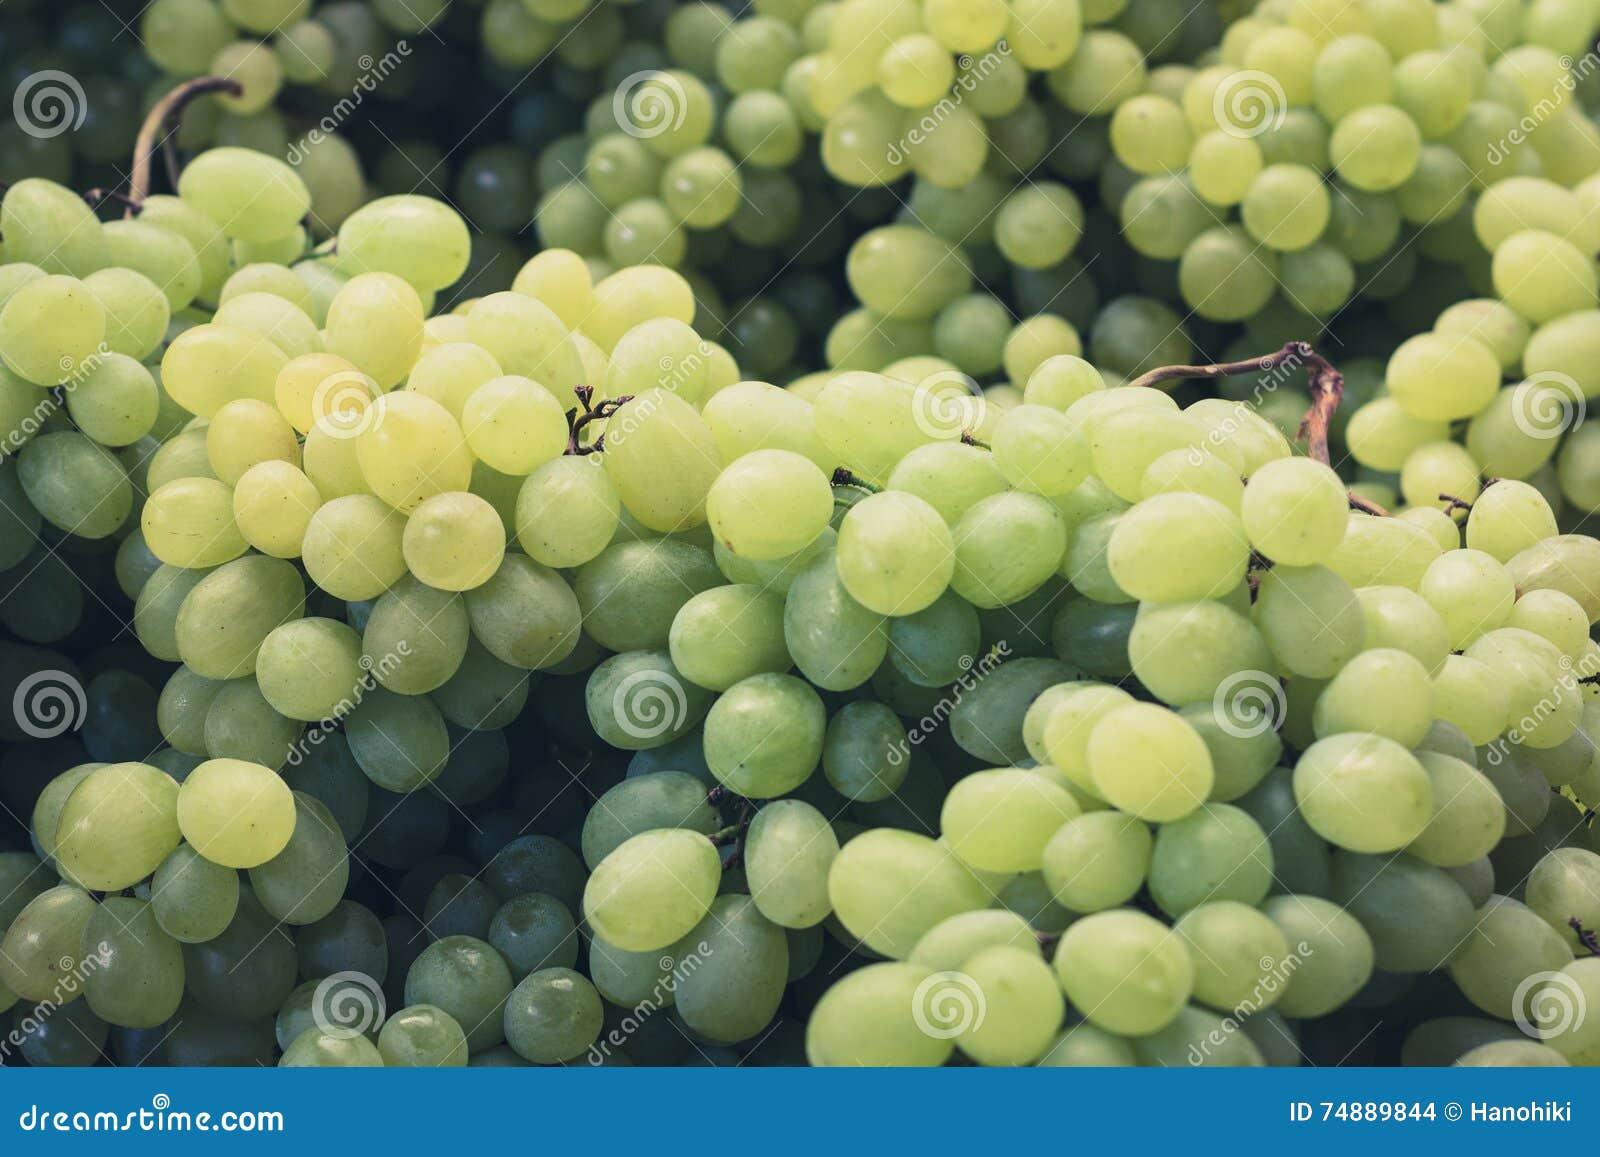 Close up das uvas - bonch de uvas verdes